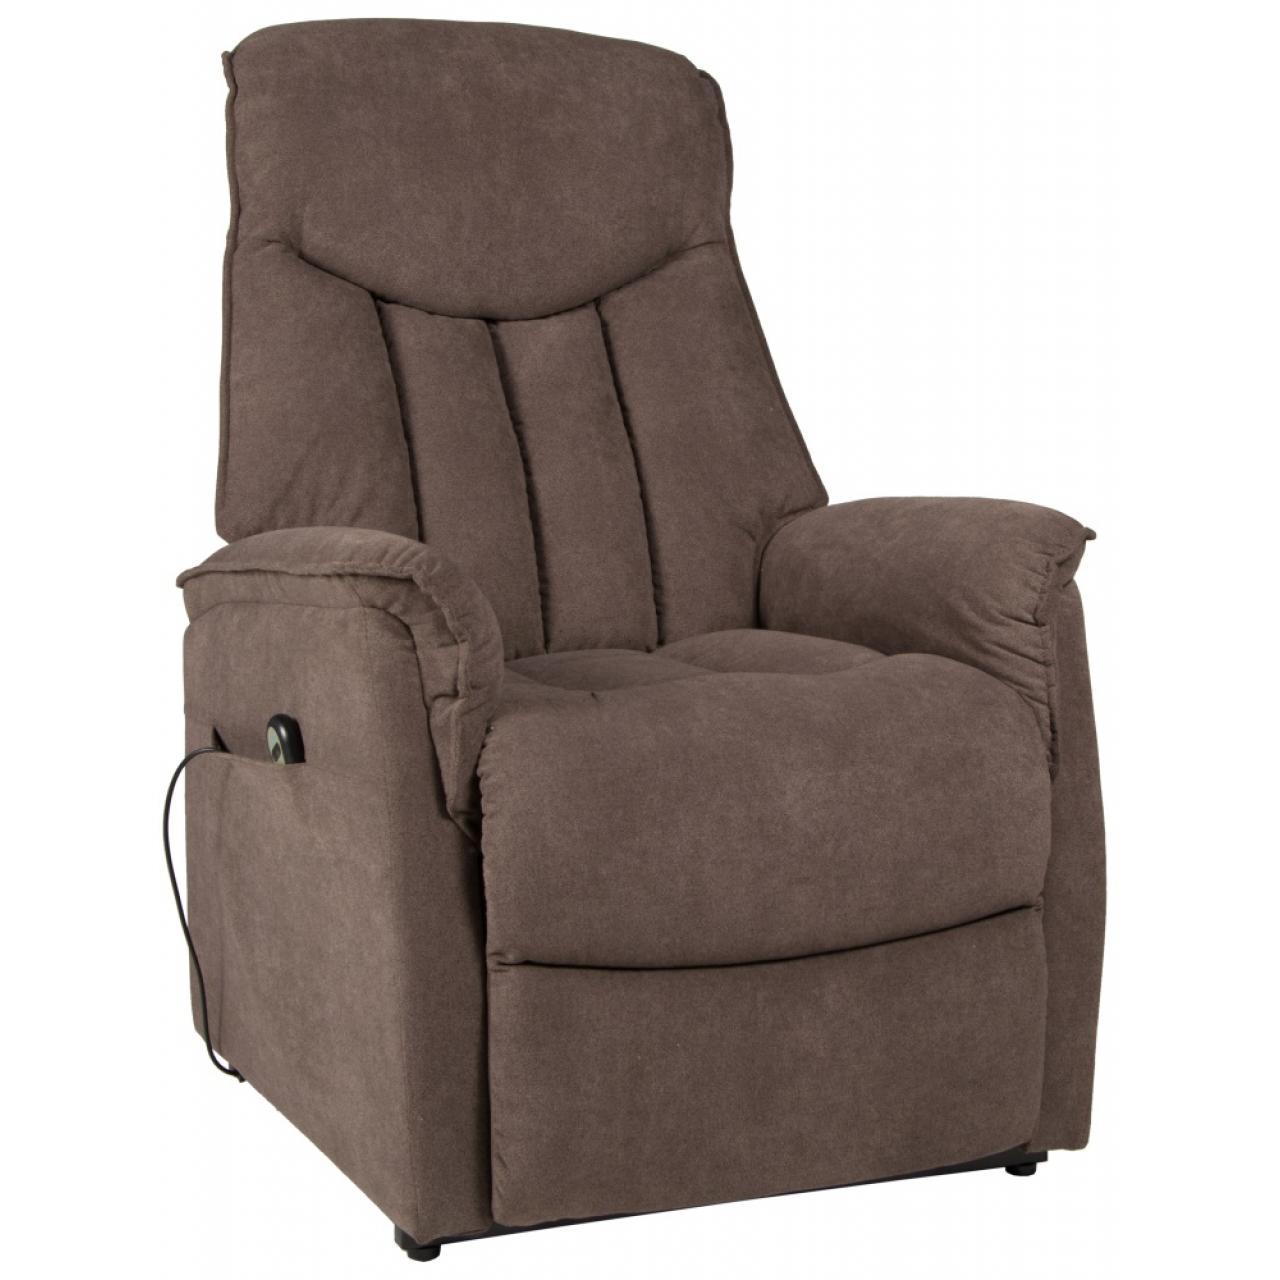 TV-Sessel Aurora XXL, Relaxsessel, Ruhesessel, mit Motor und Aufstehhilfe